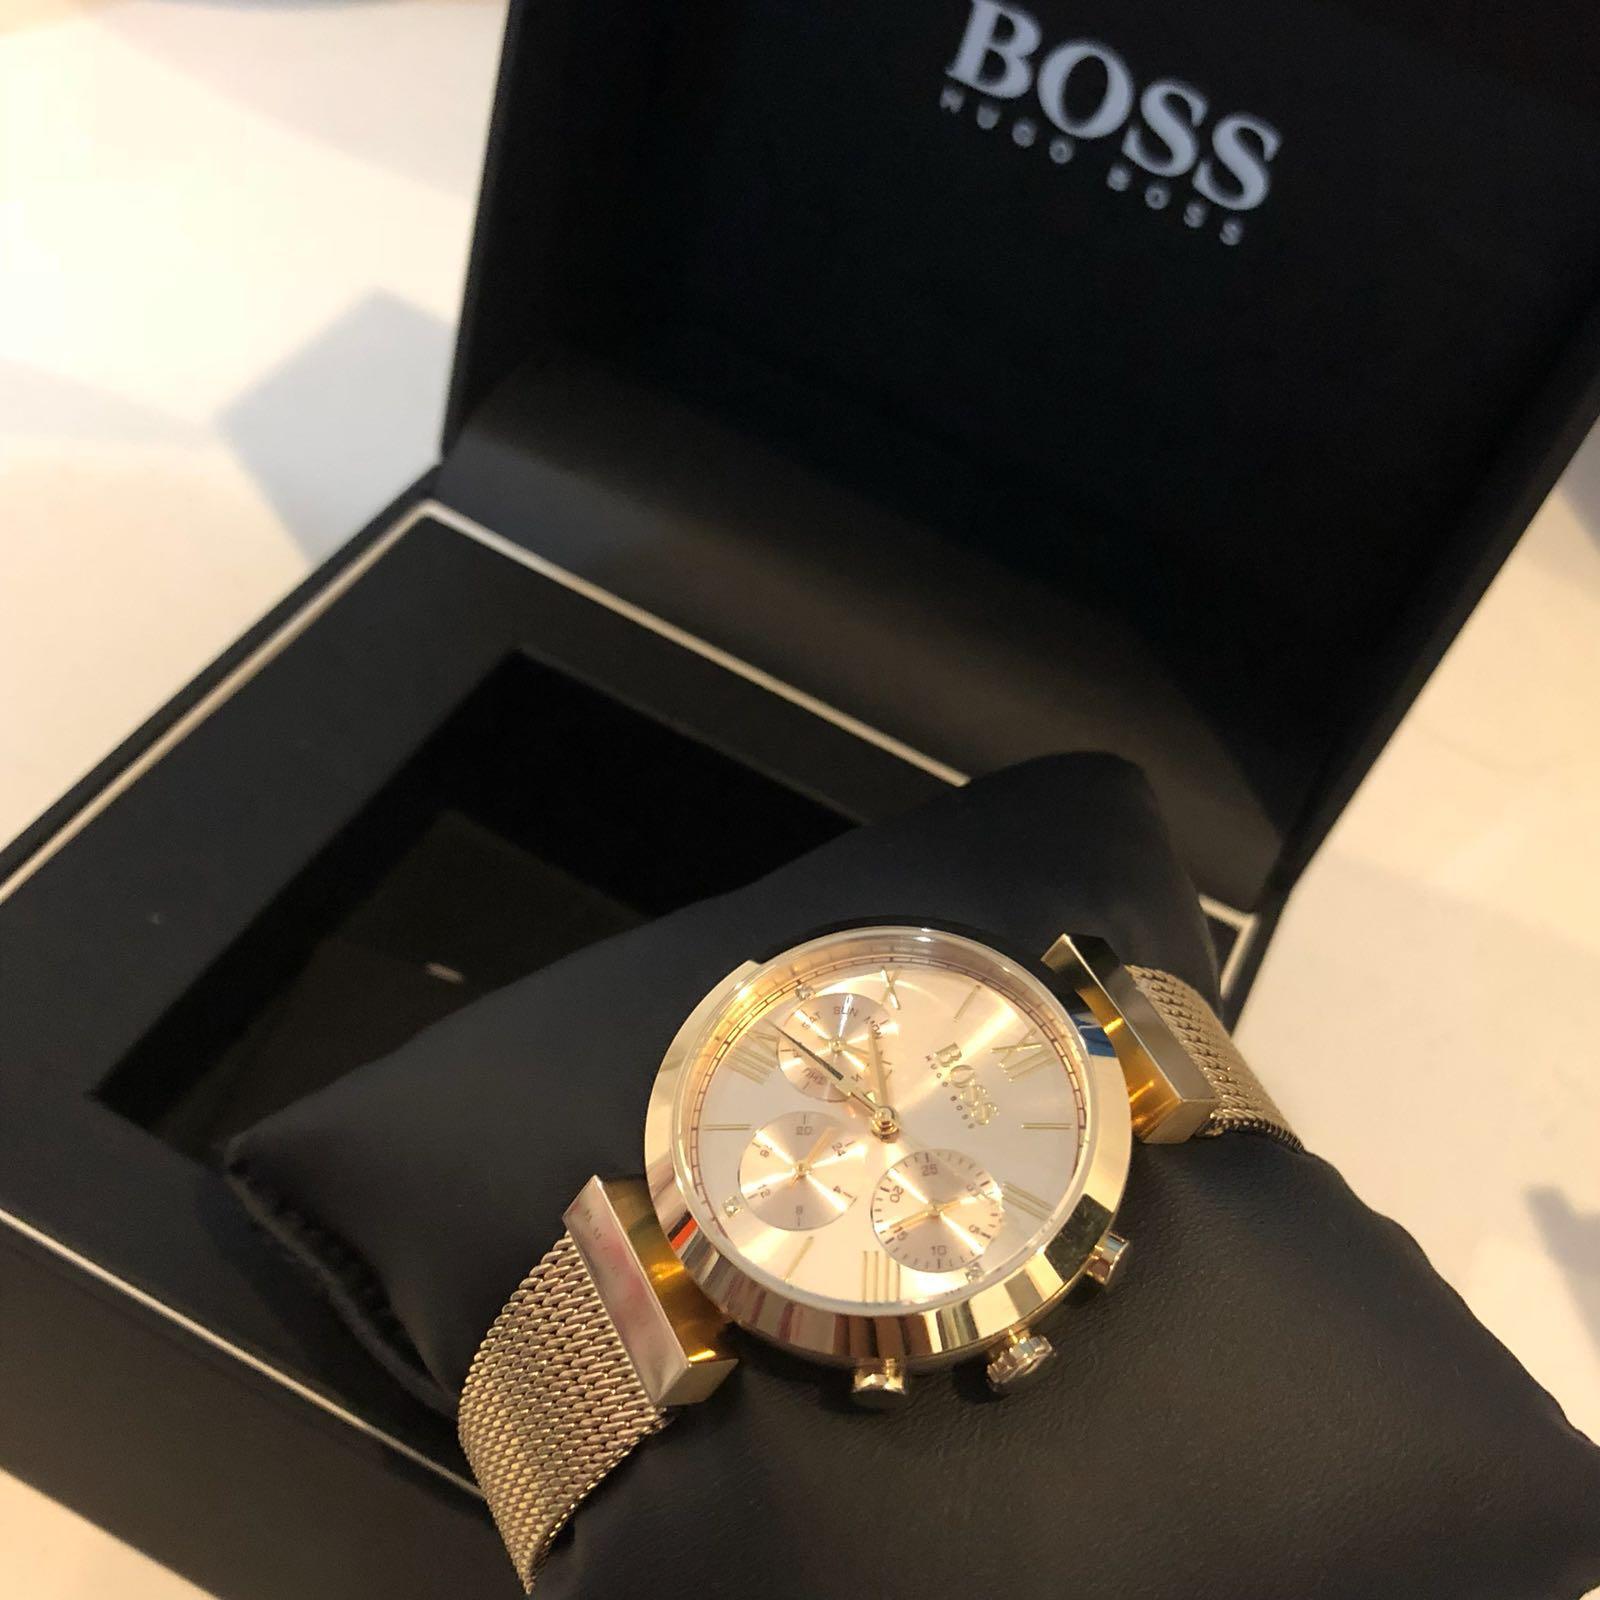 ساعة ماركة بووس أصلية (Boss)